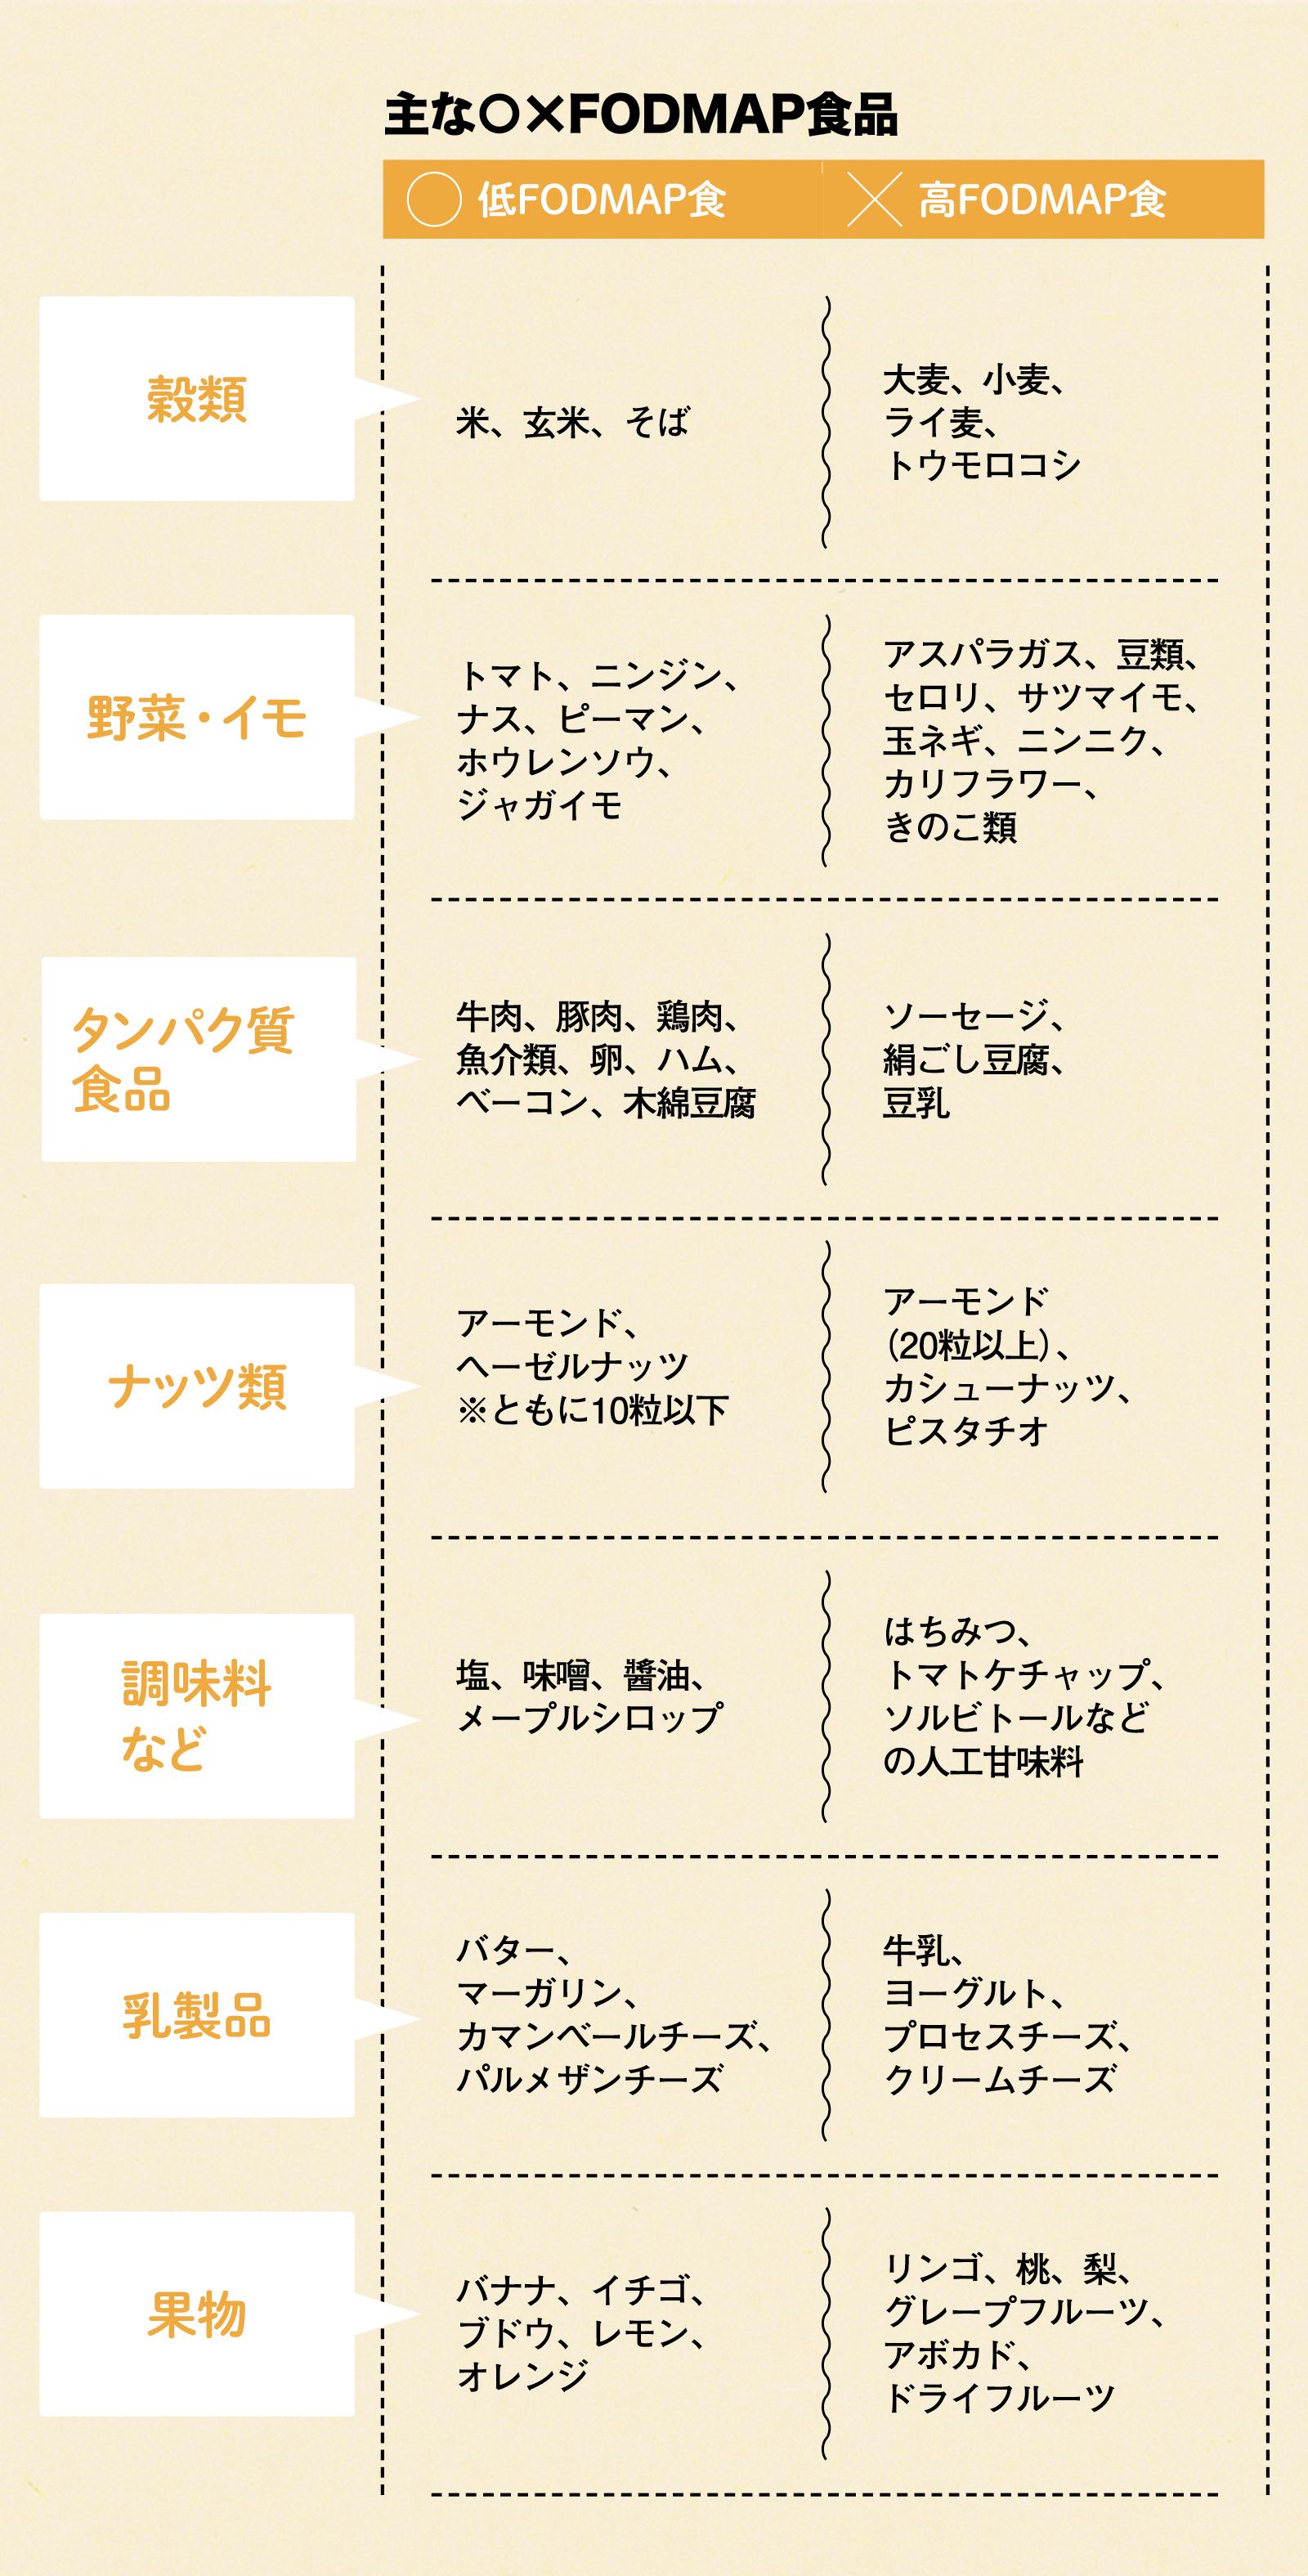 主なFODMAP食品リスト